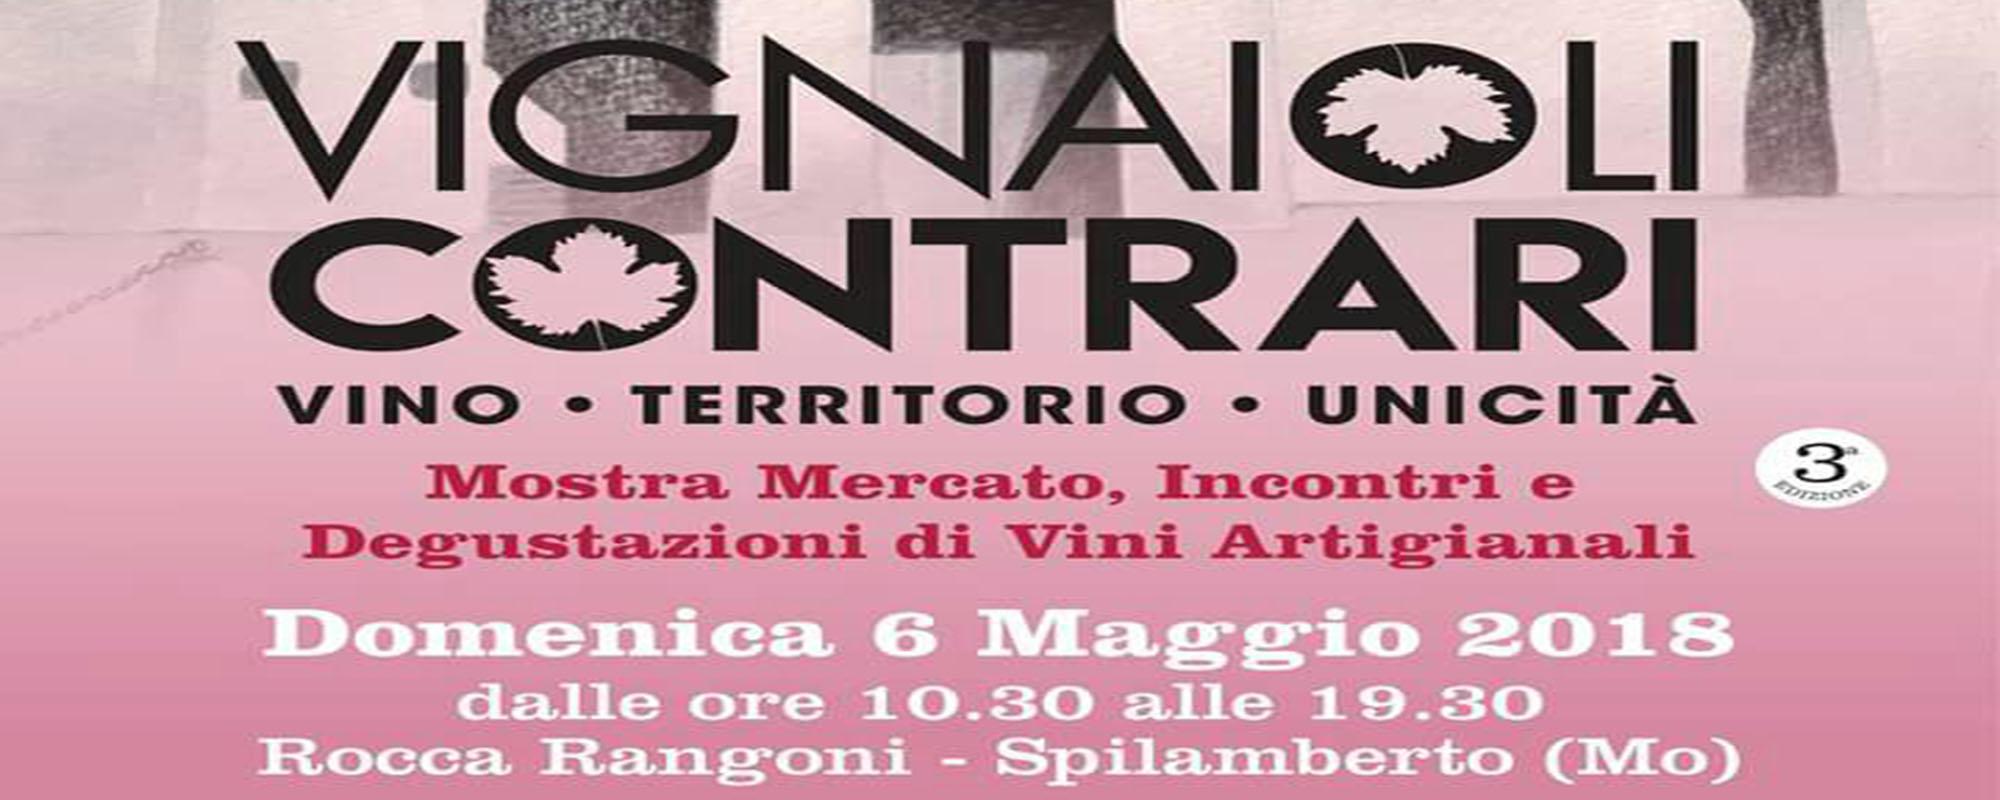 VignaioliContrari_Banner